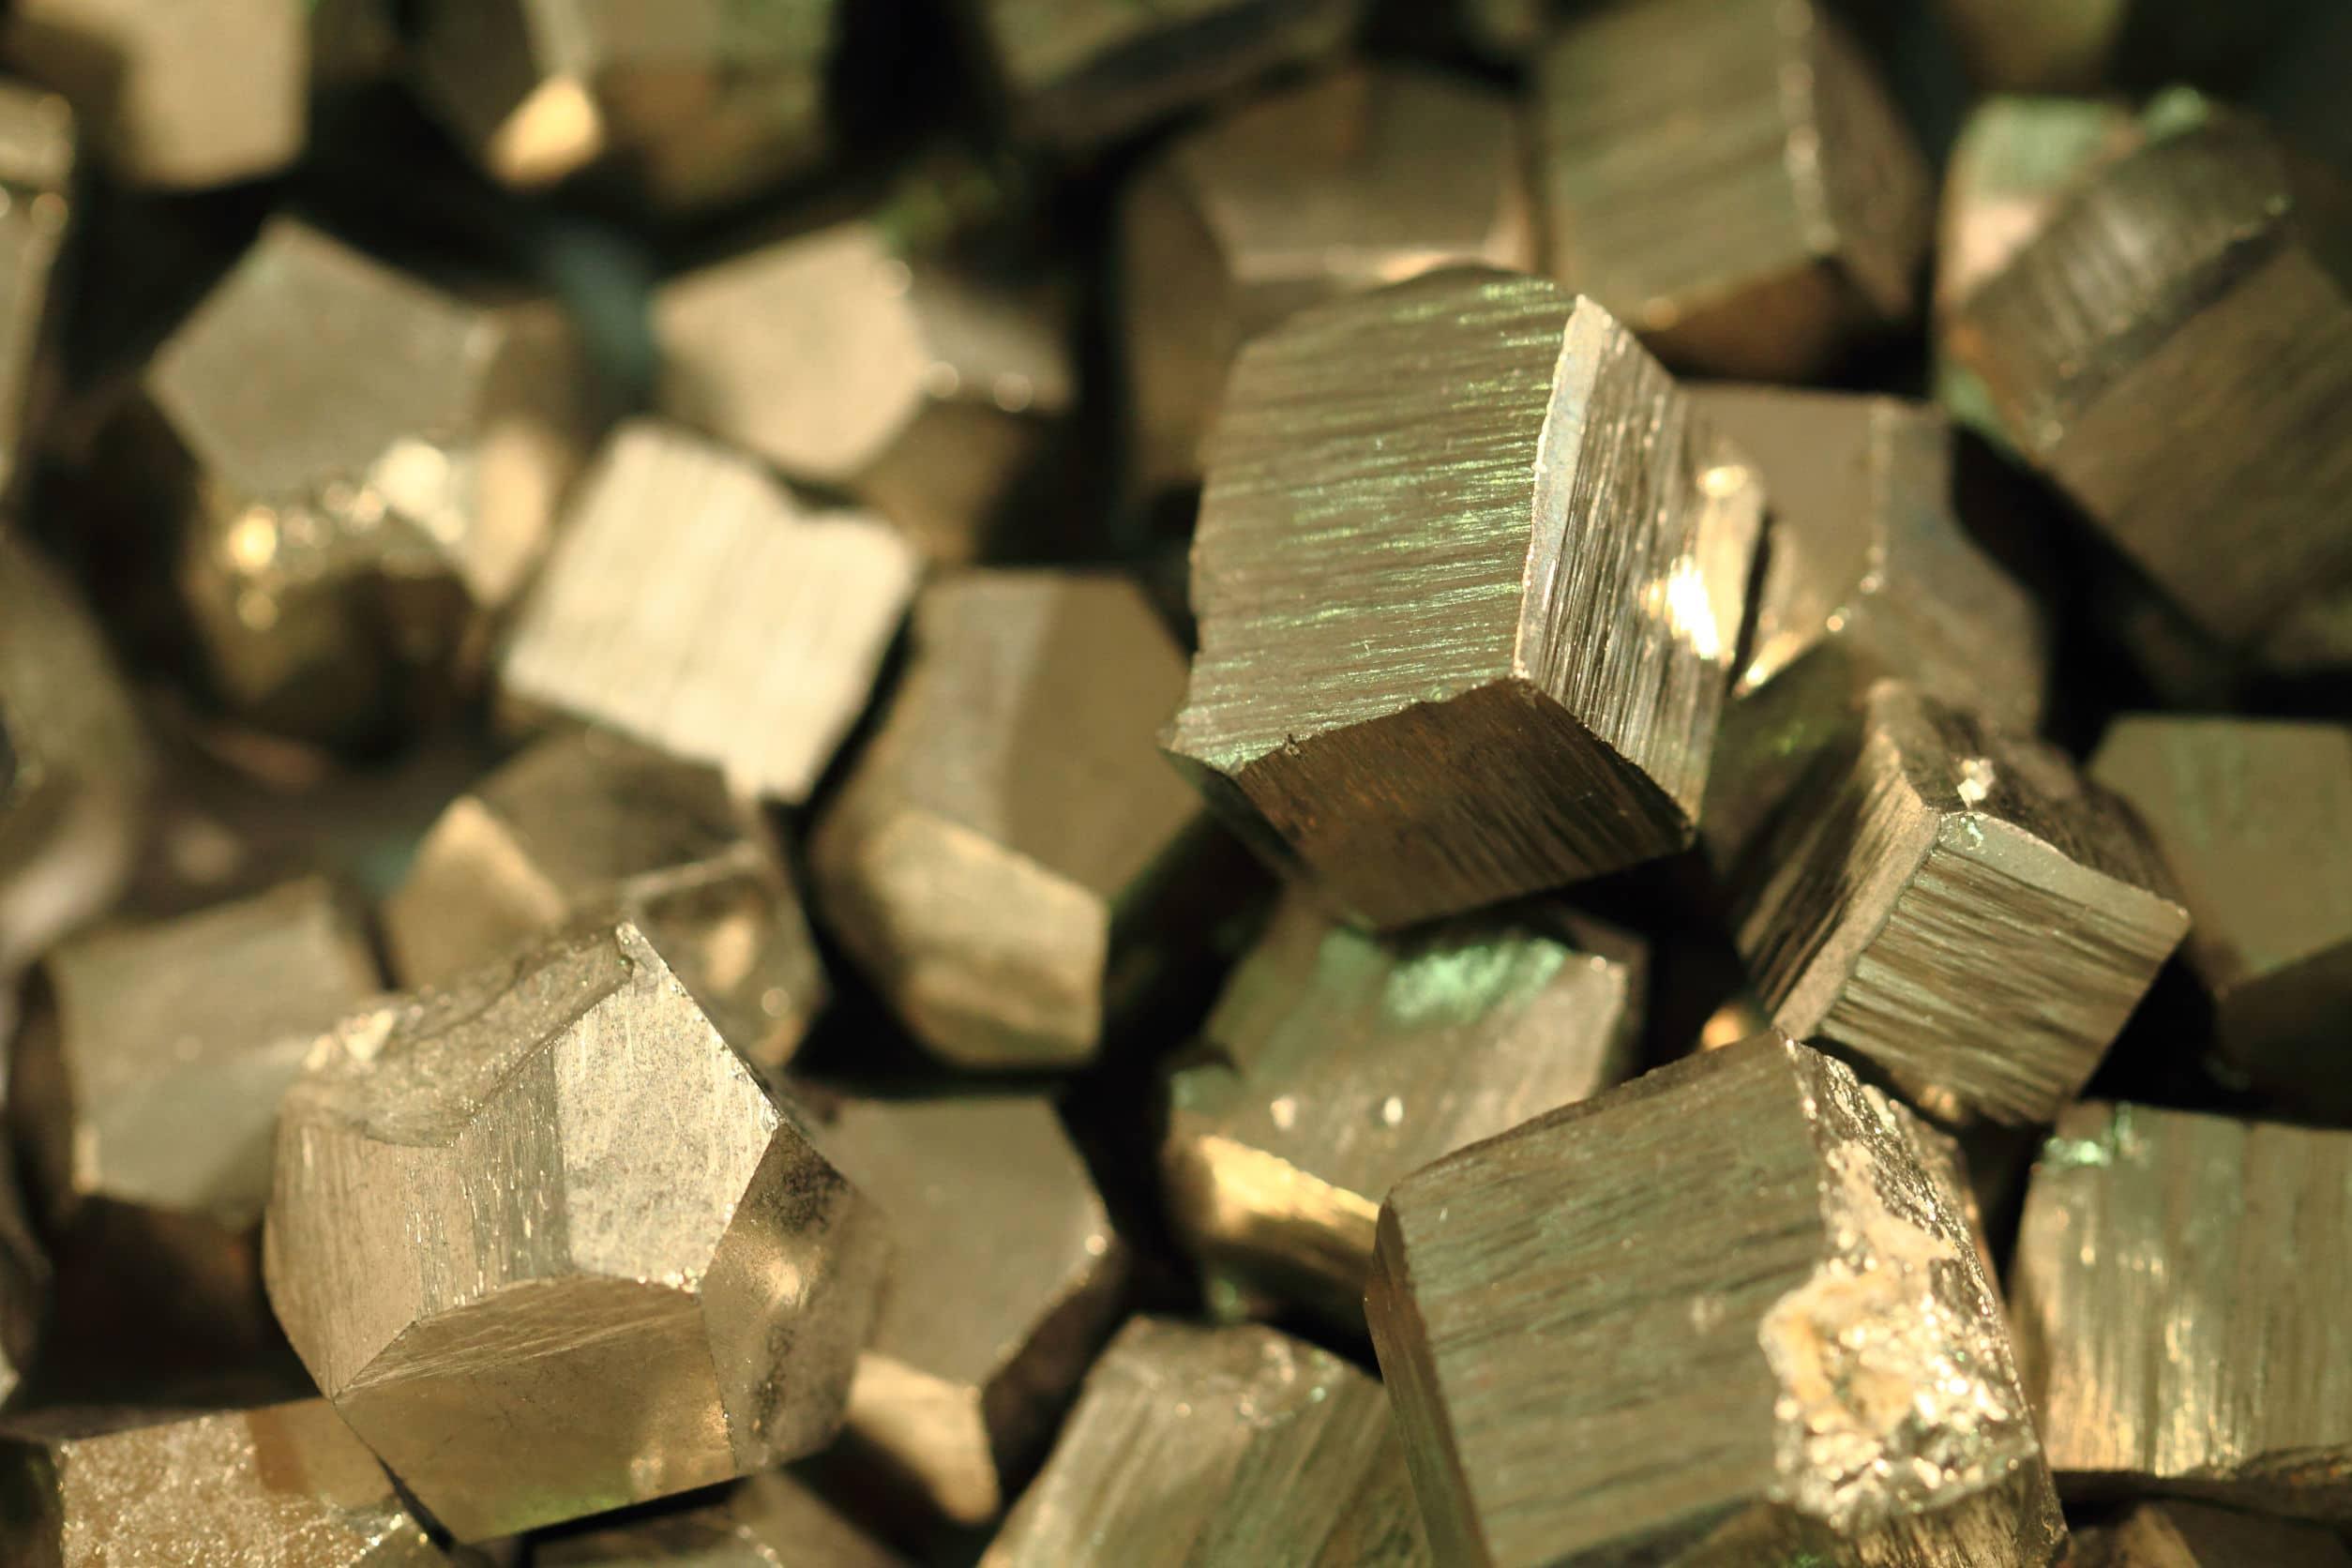 Pedra pirita. Pedra dourada com textura de fissuras e linhas.